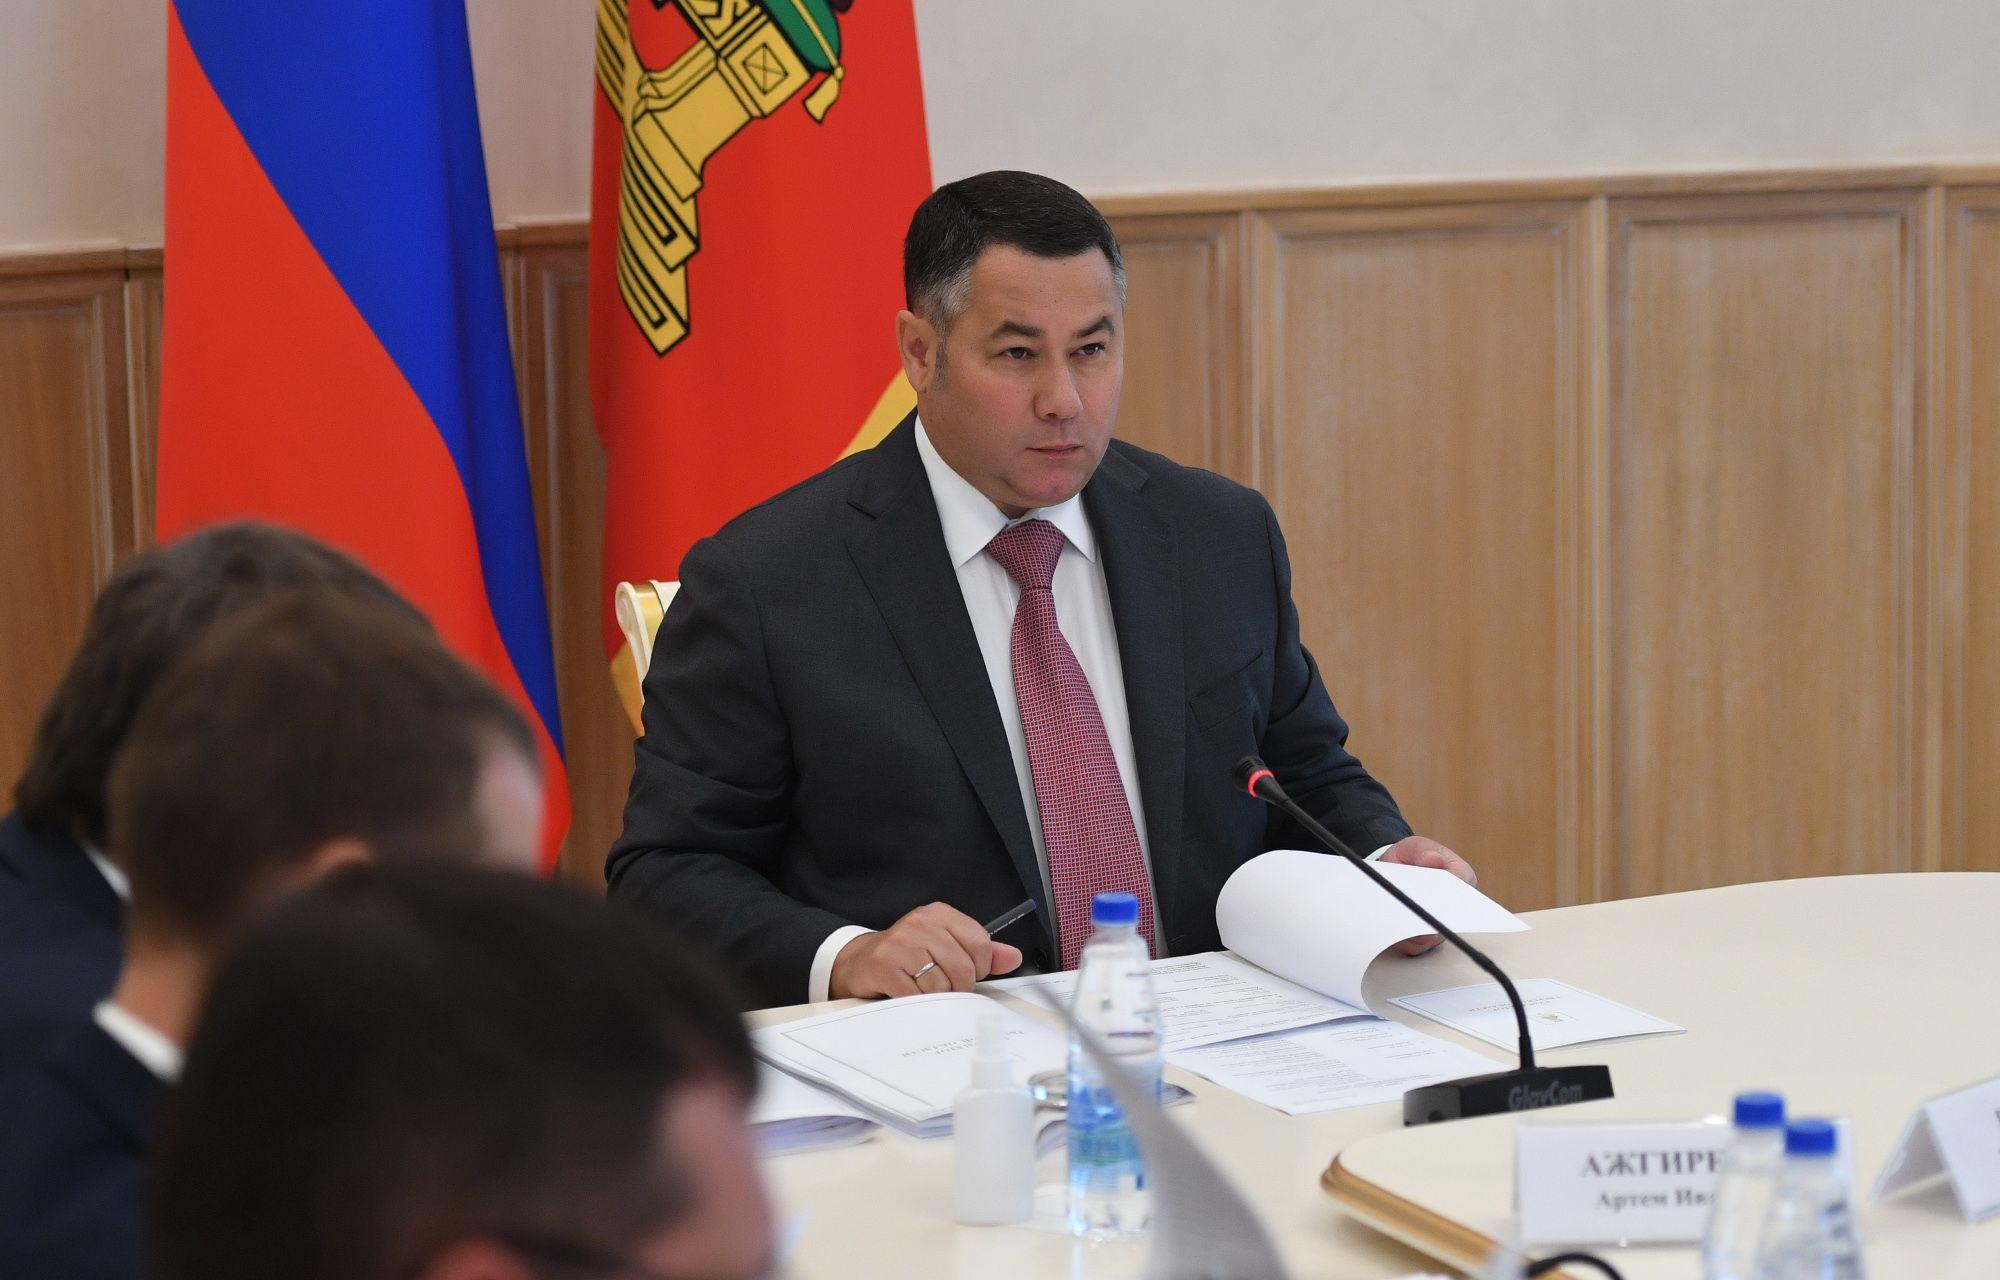 Игорь Руденя поручил актуализировать региональные нацпроекты в соответствии с поручениями Владимира Путина